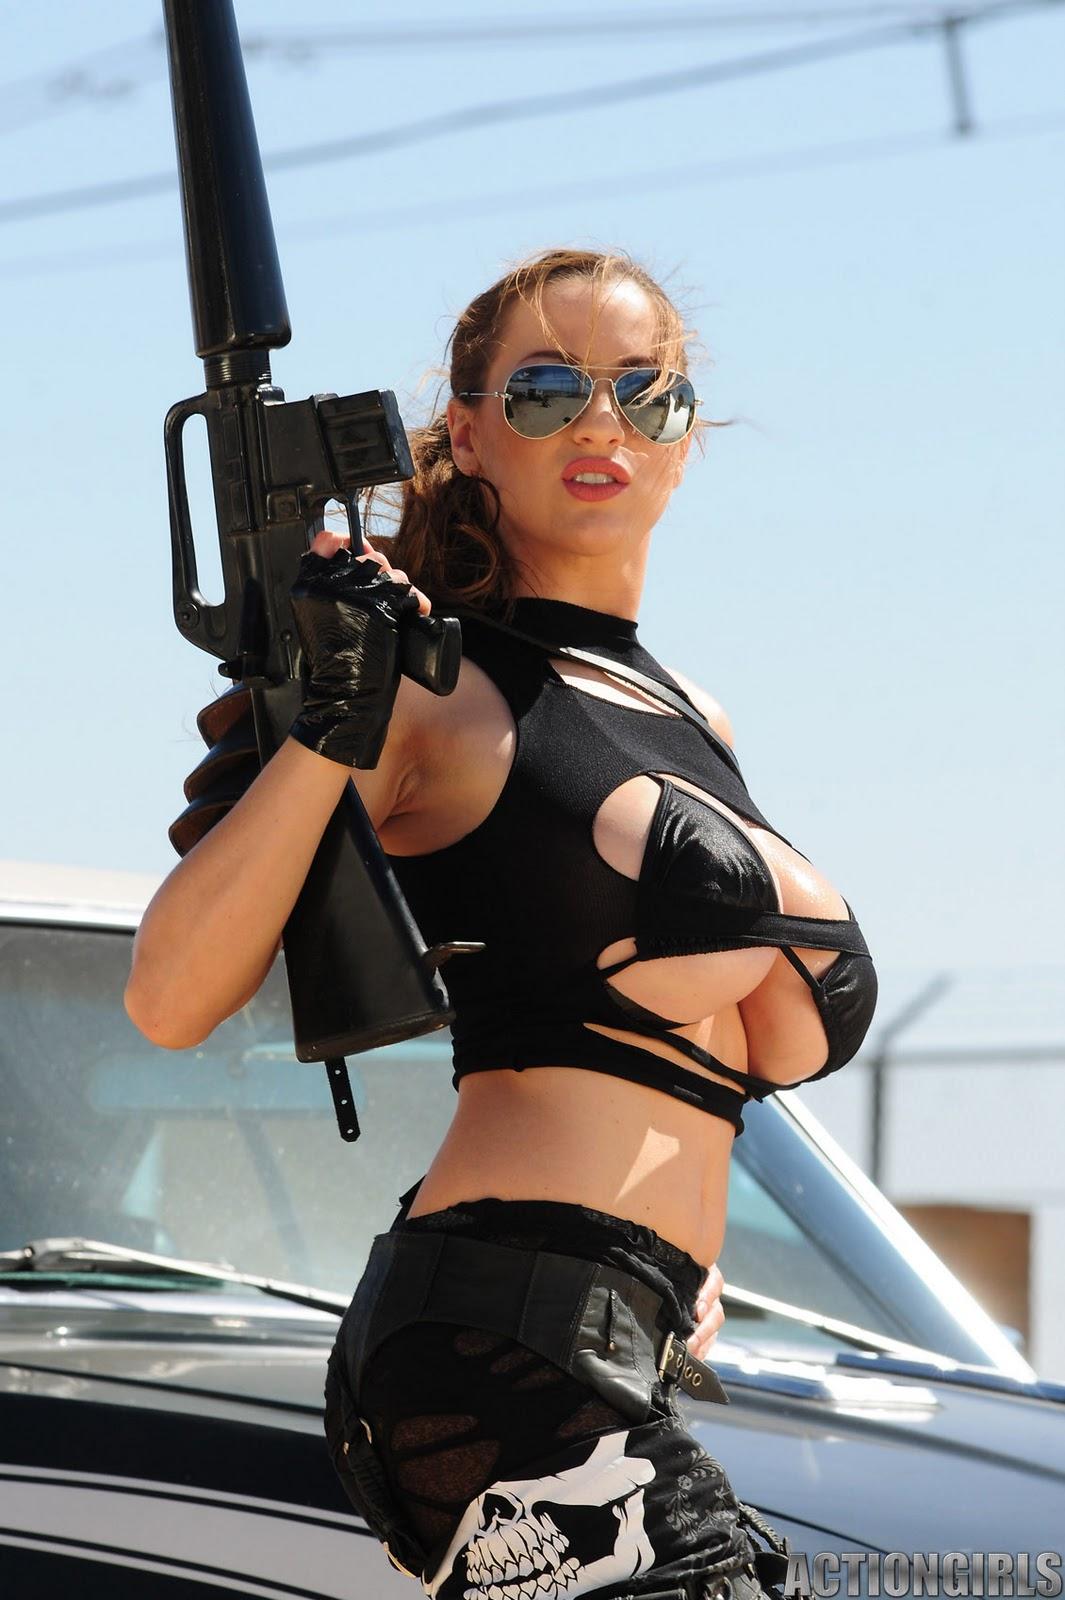 tits-and-guns-movies